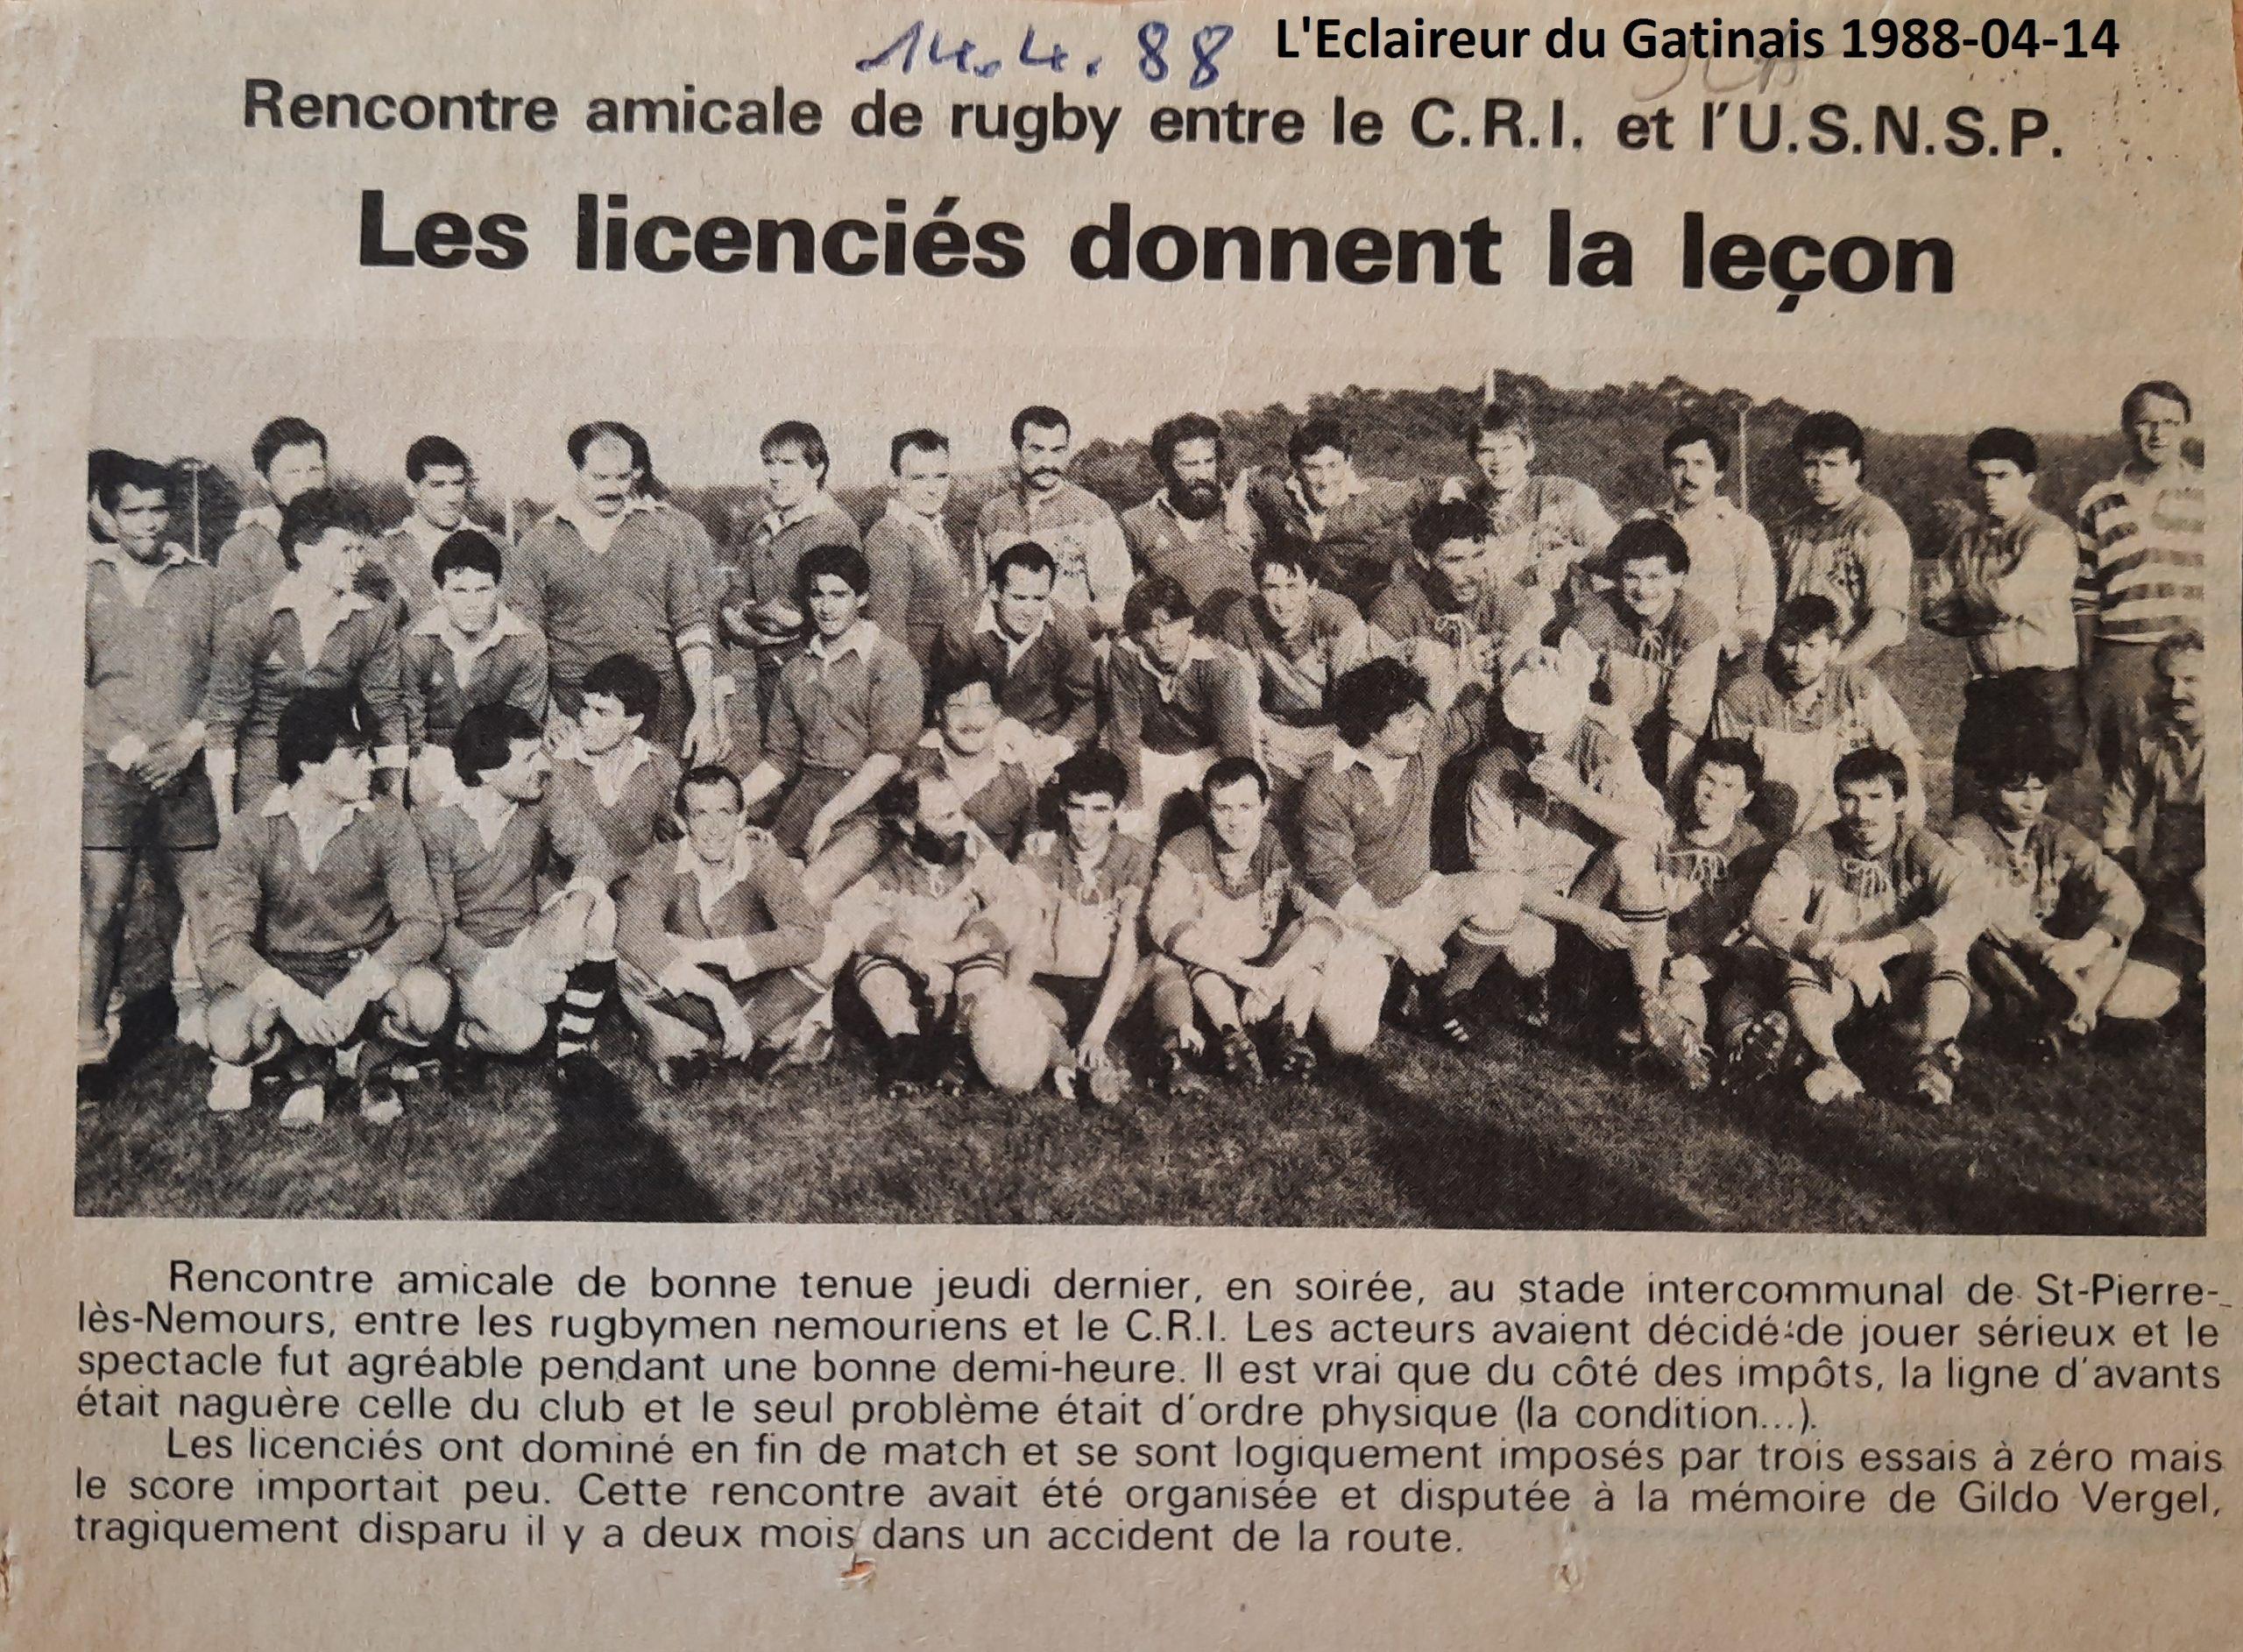 Eclaireur du Gâtinais 1988-04-14